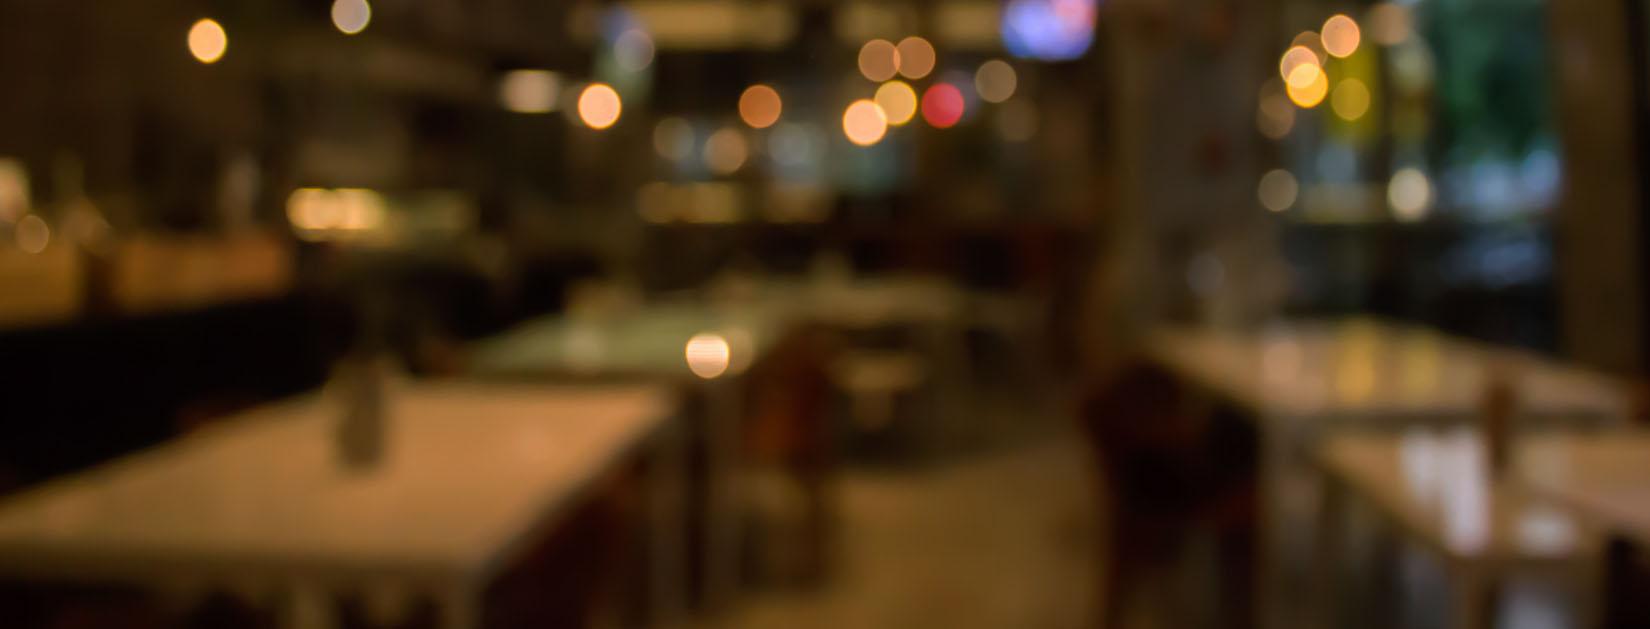 dark blurry restaurant